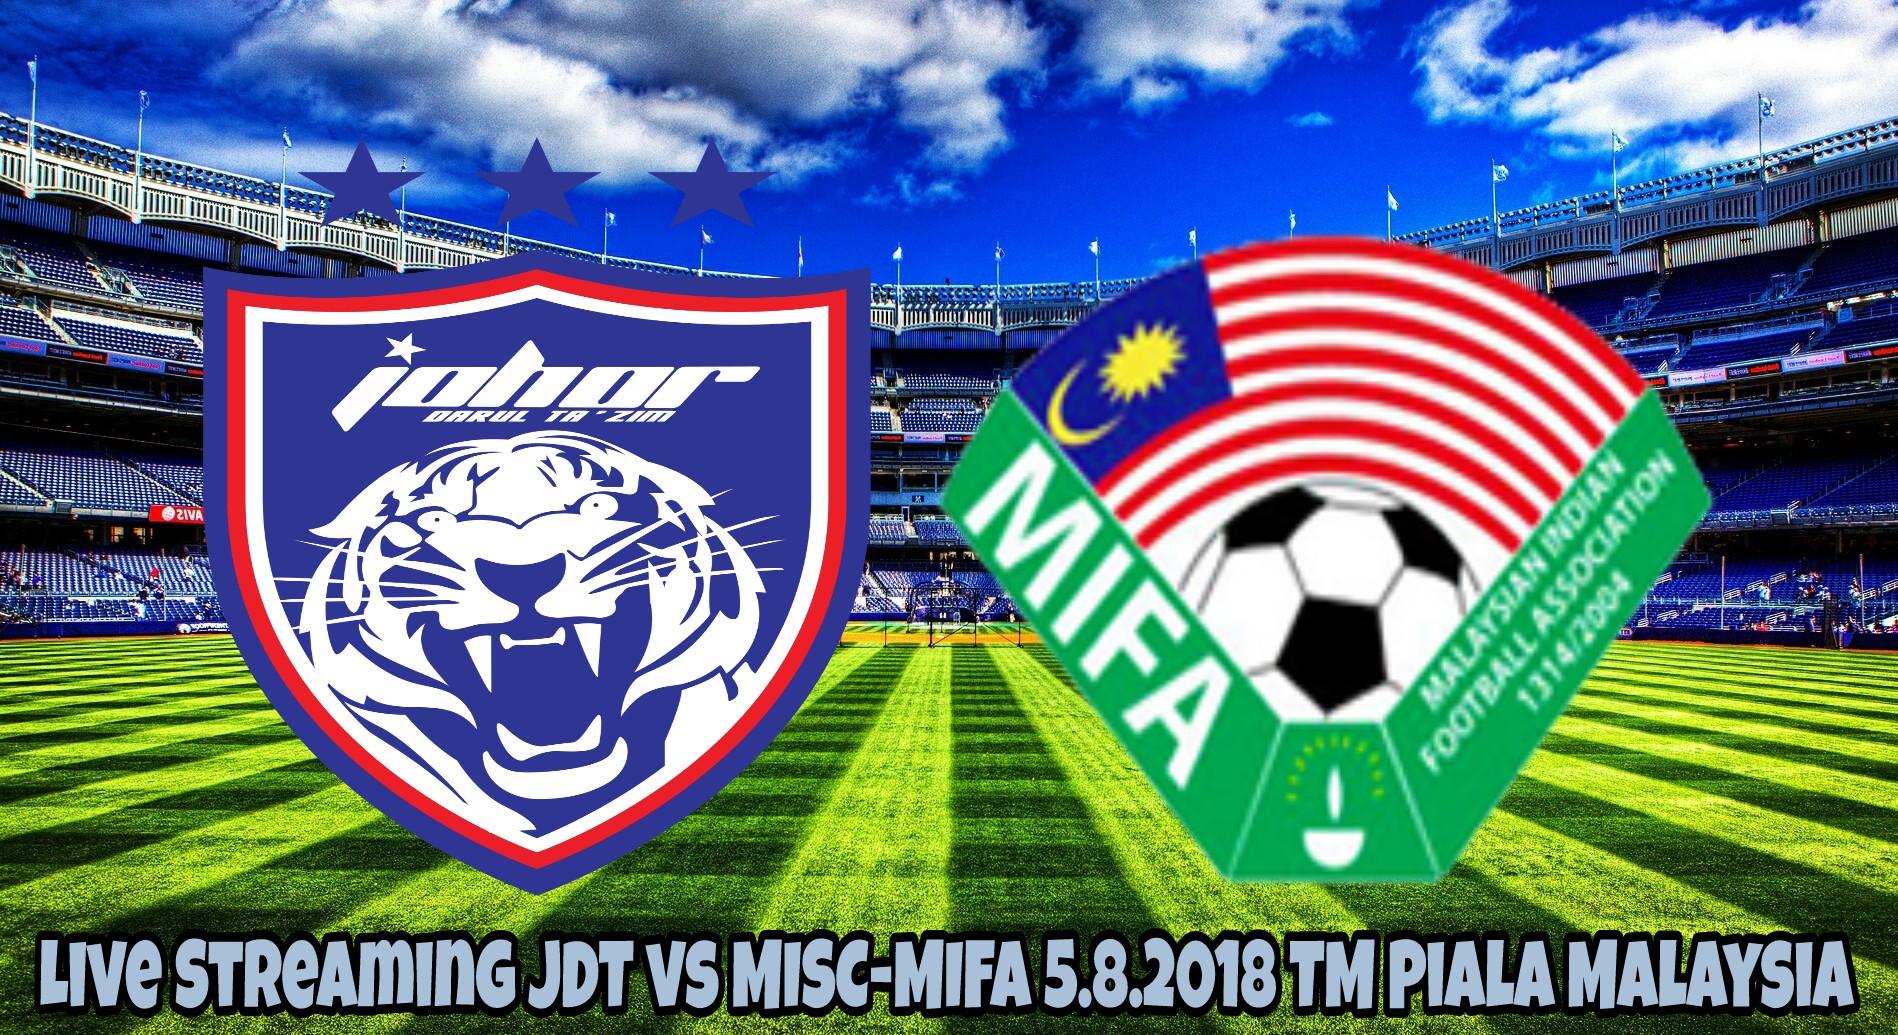 Live Streaming JDT vs MISC-MIFA 5.8.2018 TM Piala Malaysia